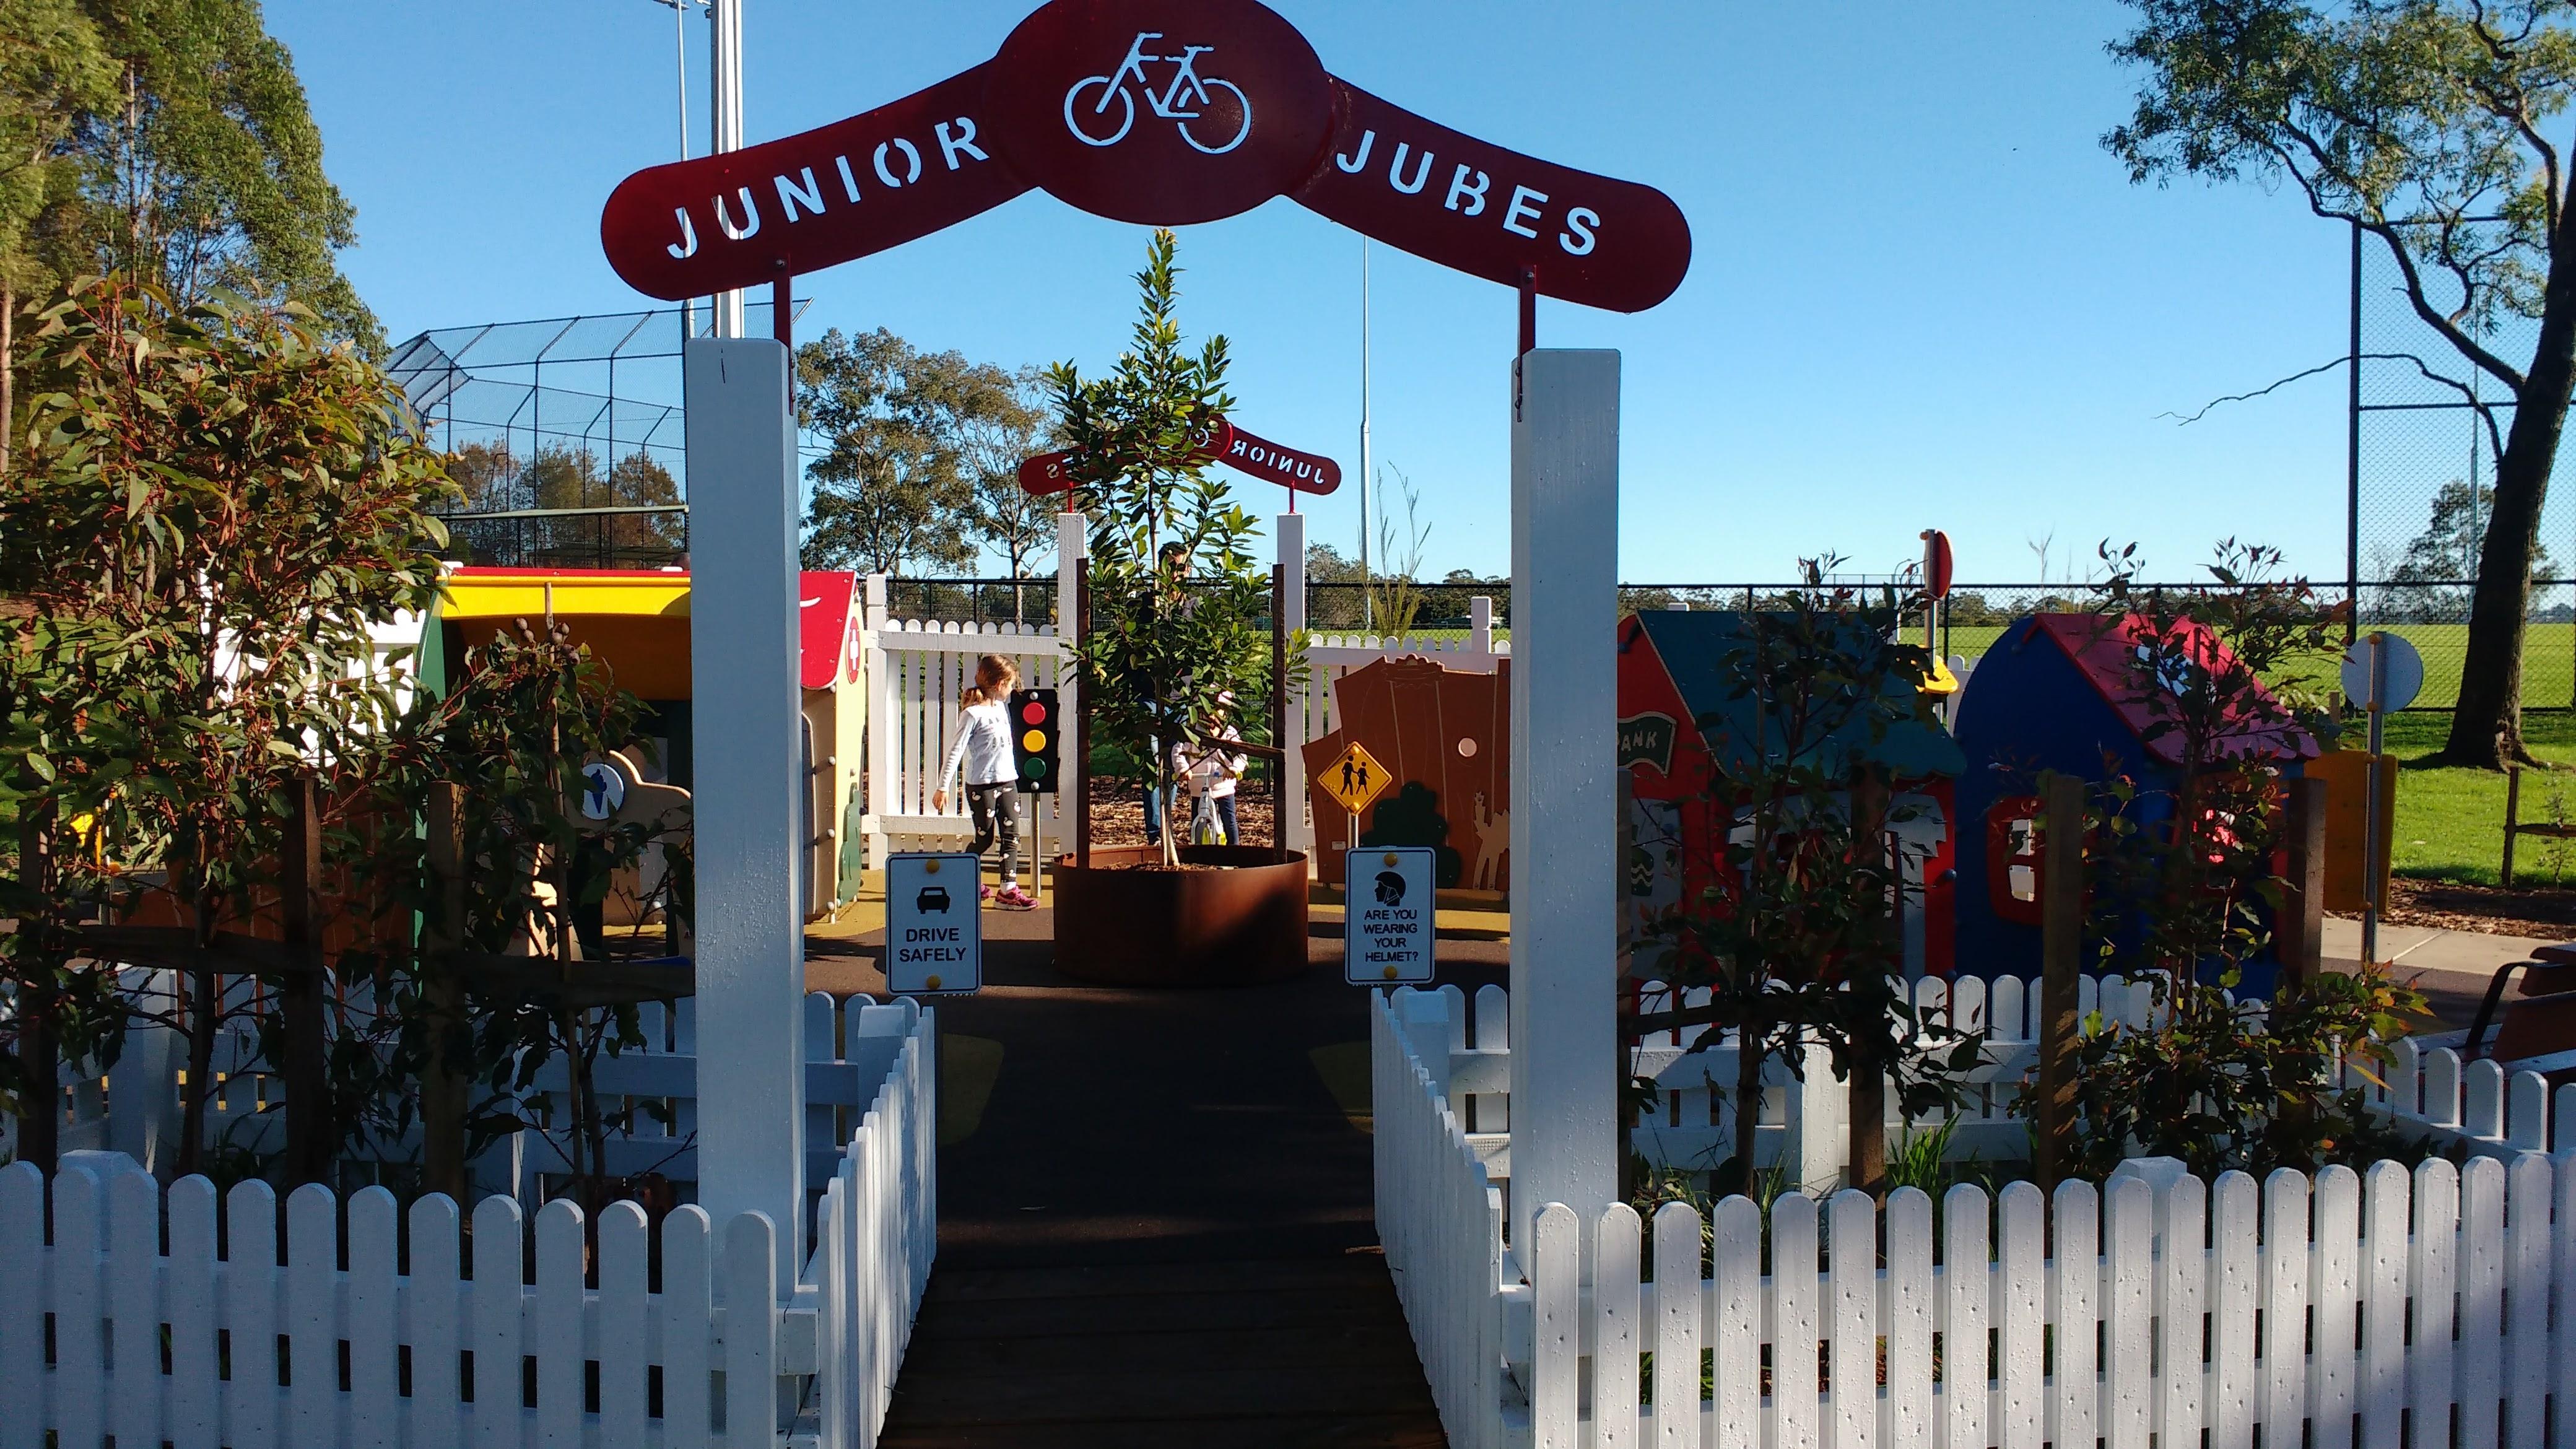 Golden Jubilee Field Playground